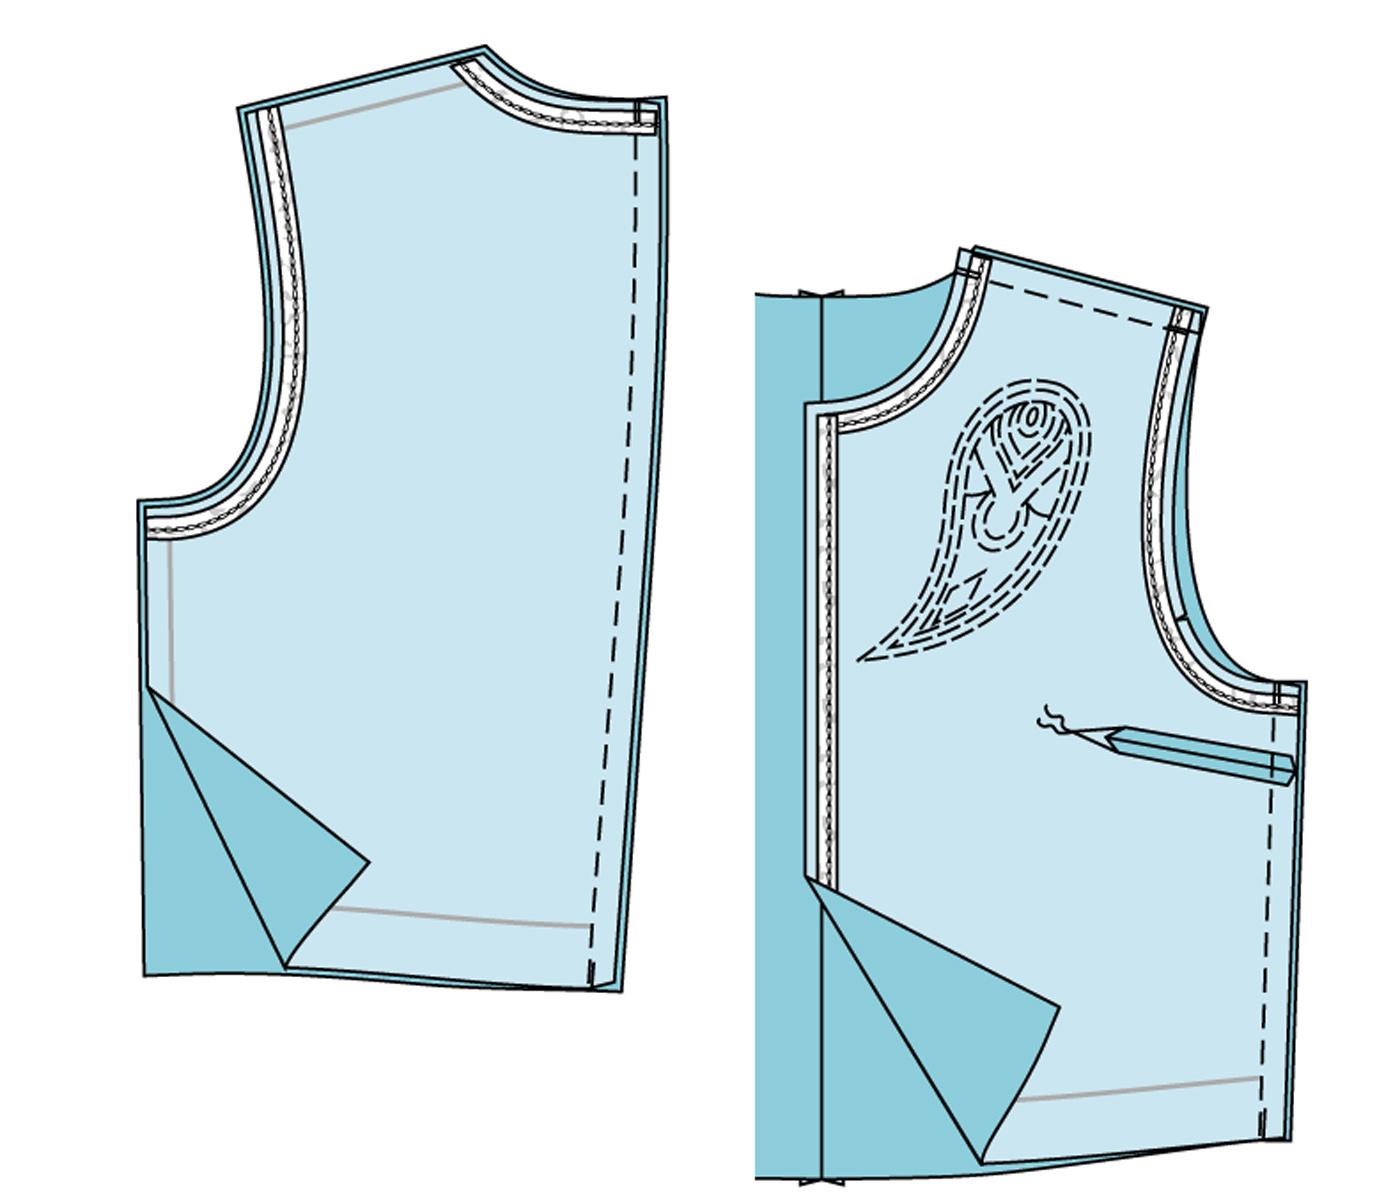 Шьем сами - секреты шитья от А. Корфиати 20